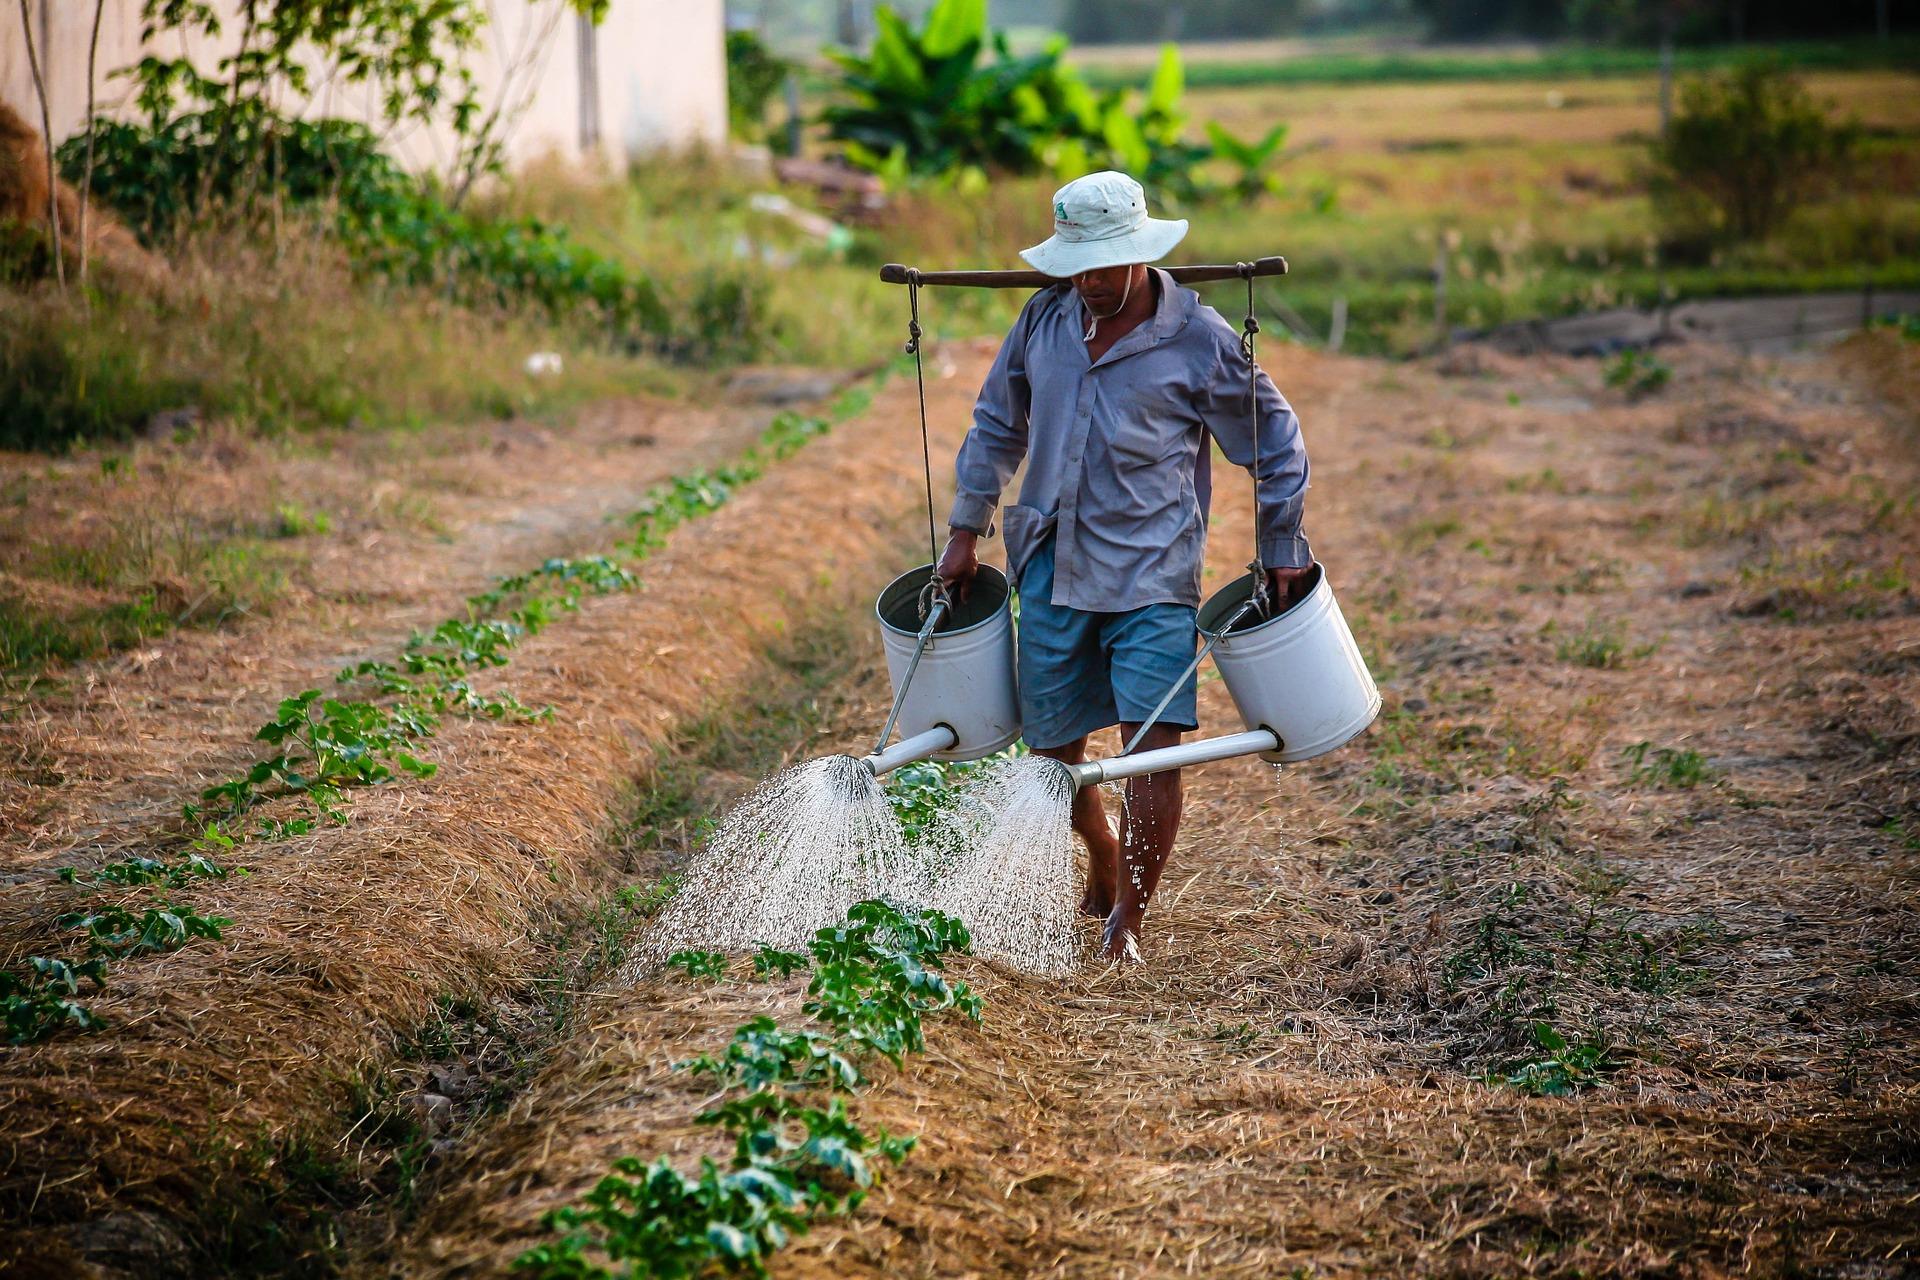 Producir mejores alimentos y producir para todas y todos